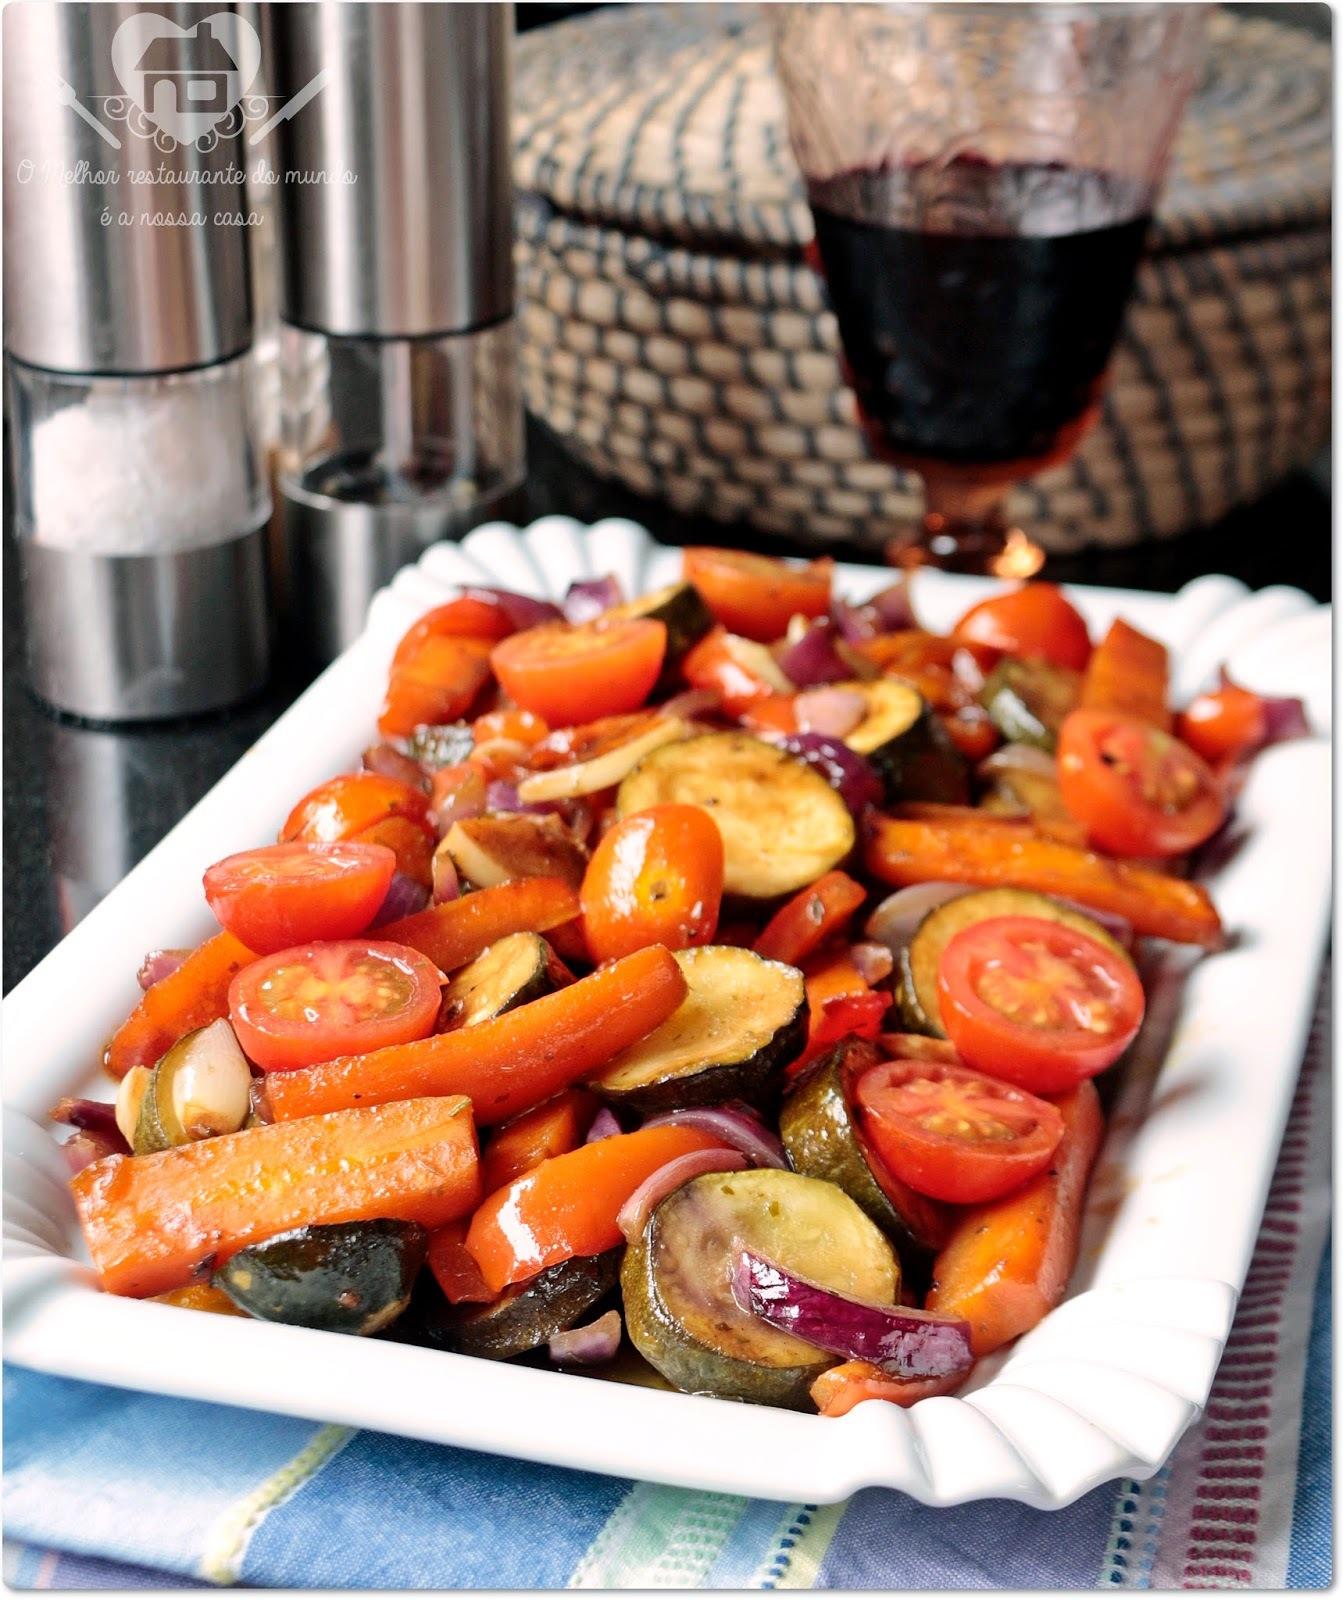 legumes sem carboidratos